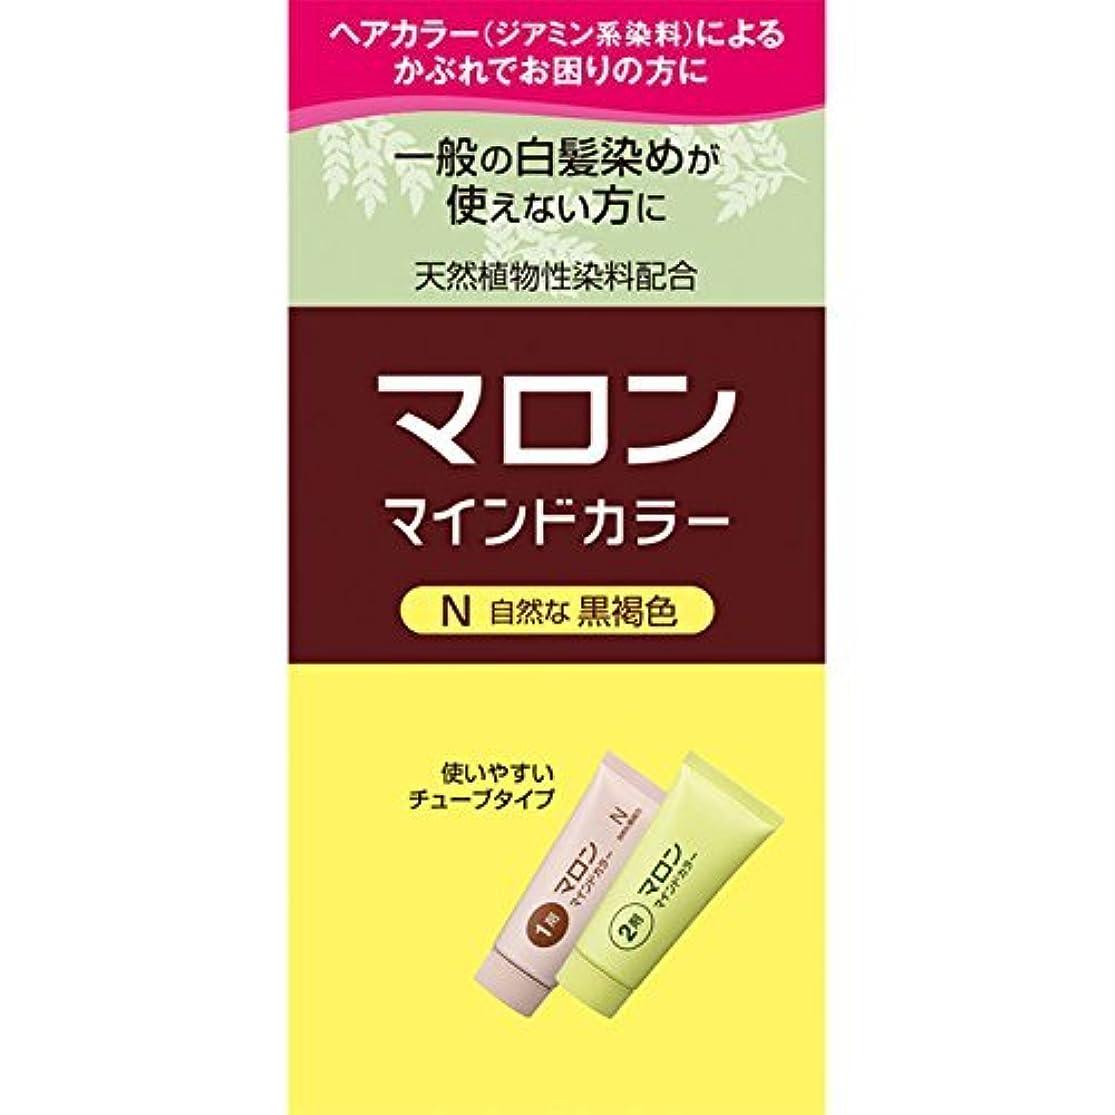 切る思いつくバブルヘンケルライオンコスメティックス マロン マインドカラー N 自然な黒褐色 70G+70G (医薬部外品)